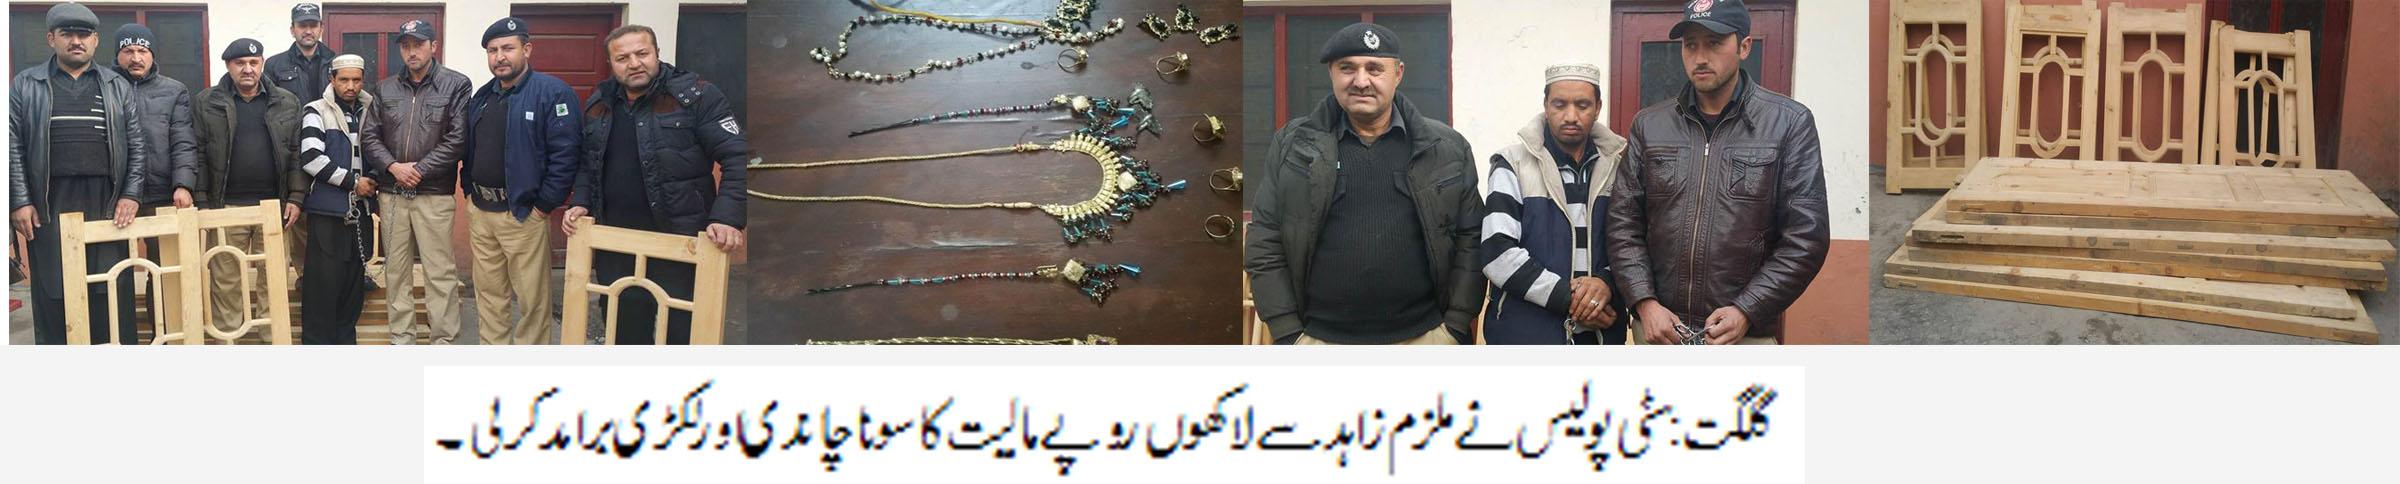 گلگت پولیس نے شہر میں ہونے والی متعدید چوریوں کا سراغ لگا لی